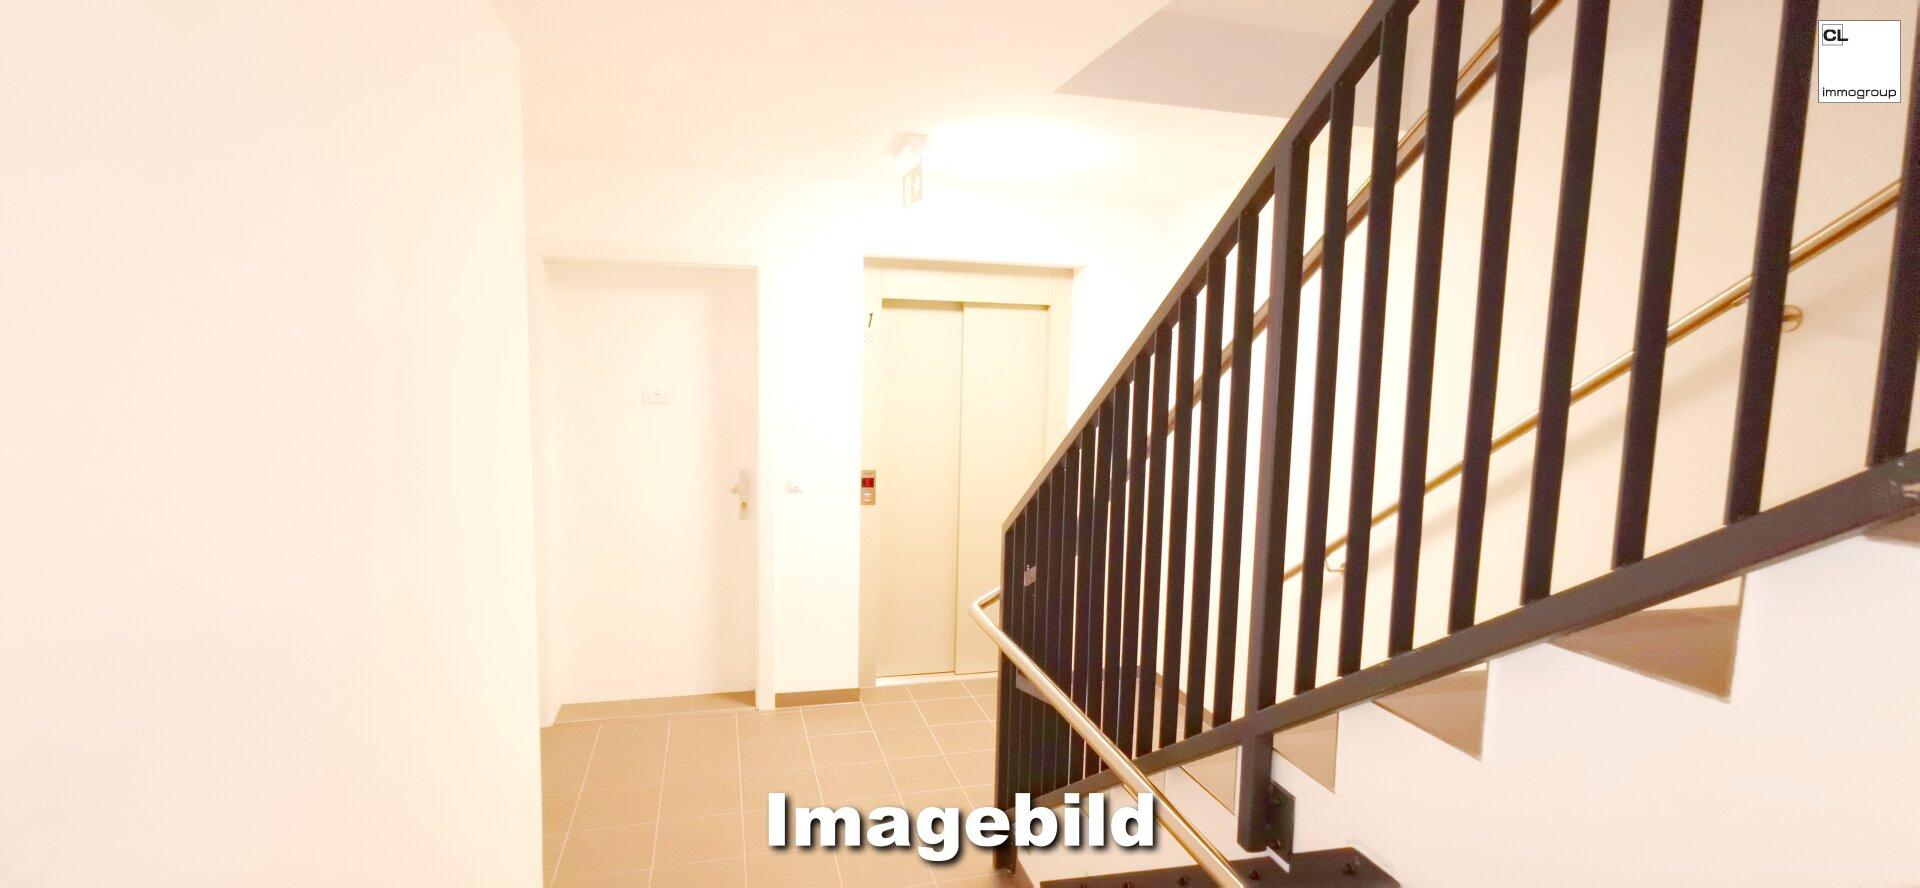 Imagebild Stiegenhaus